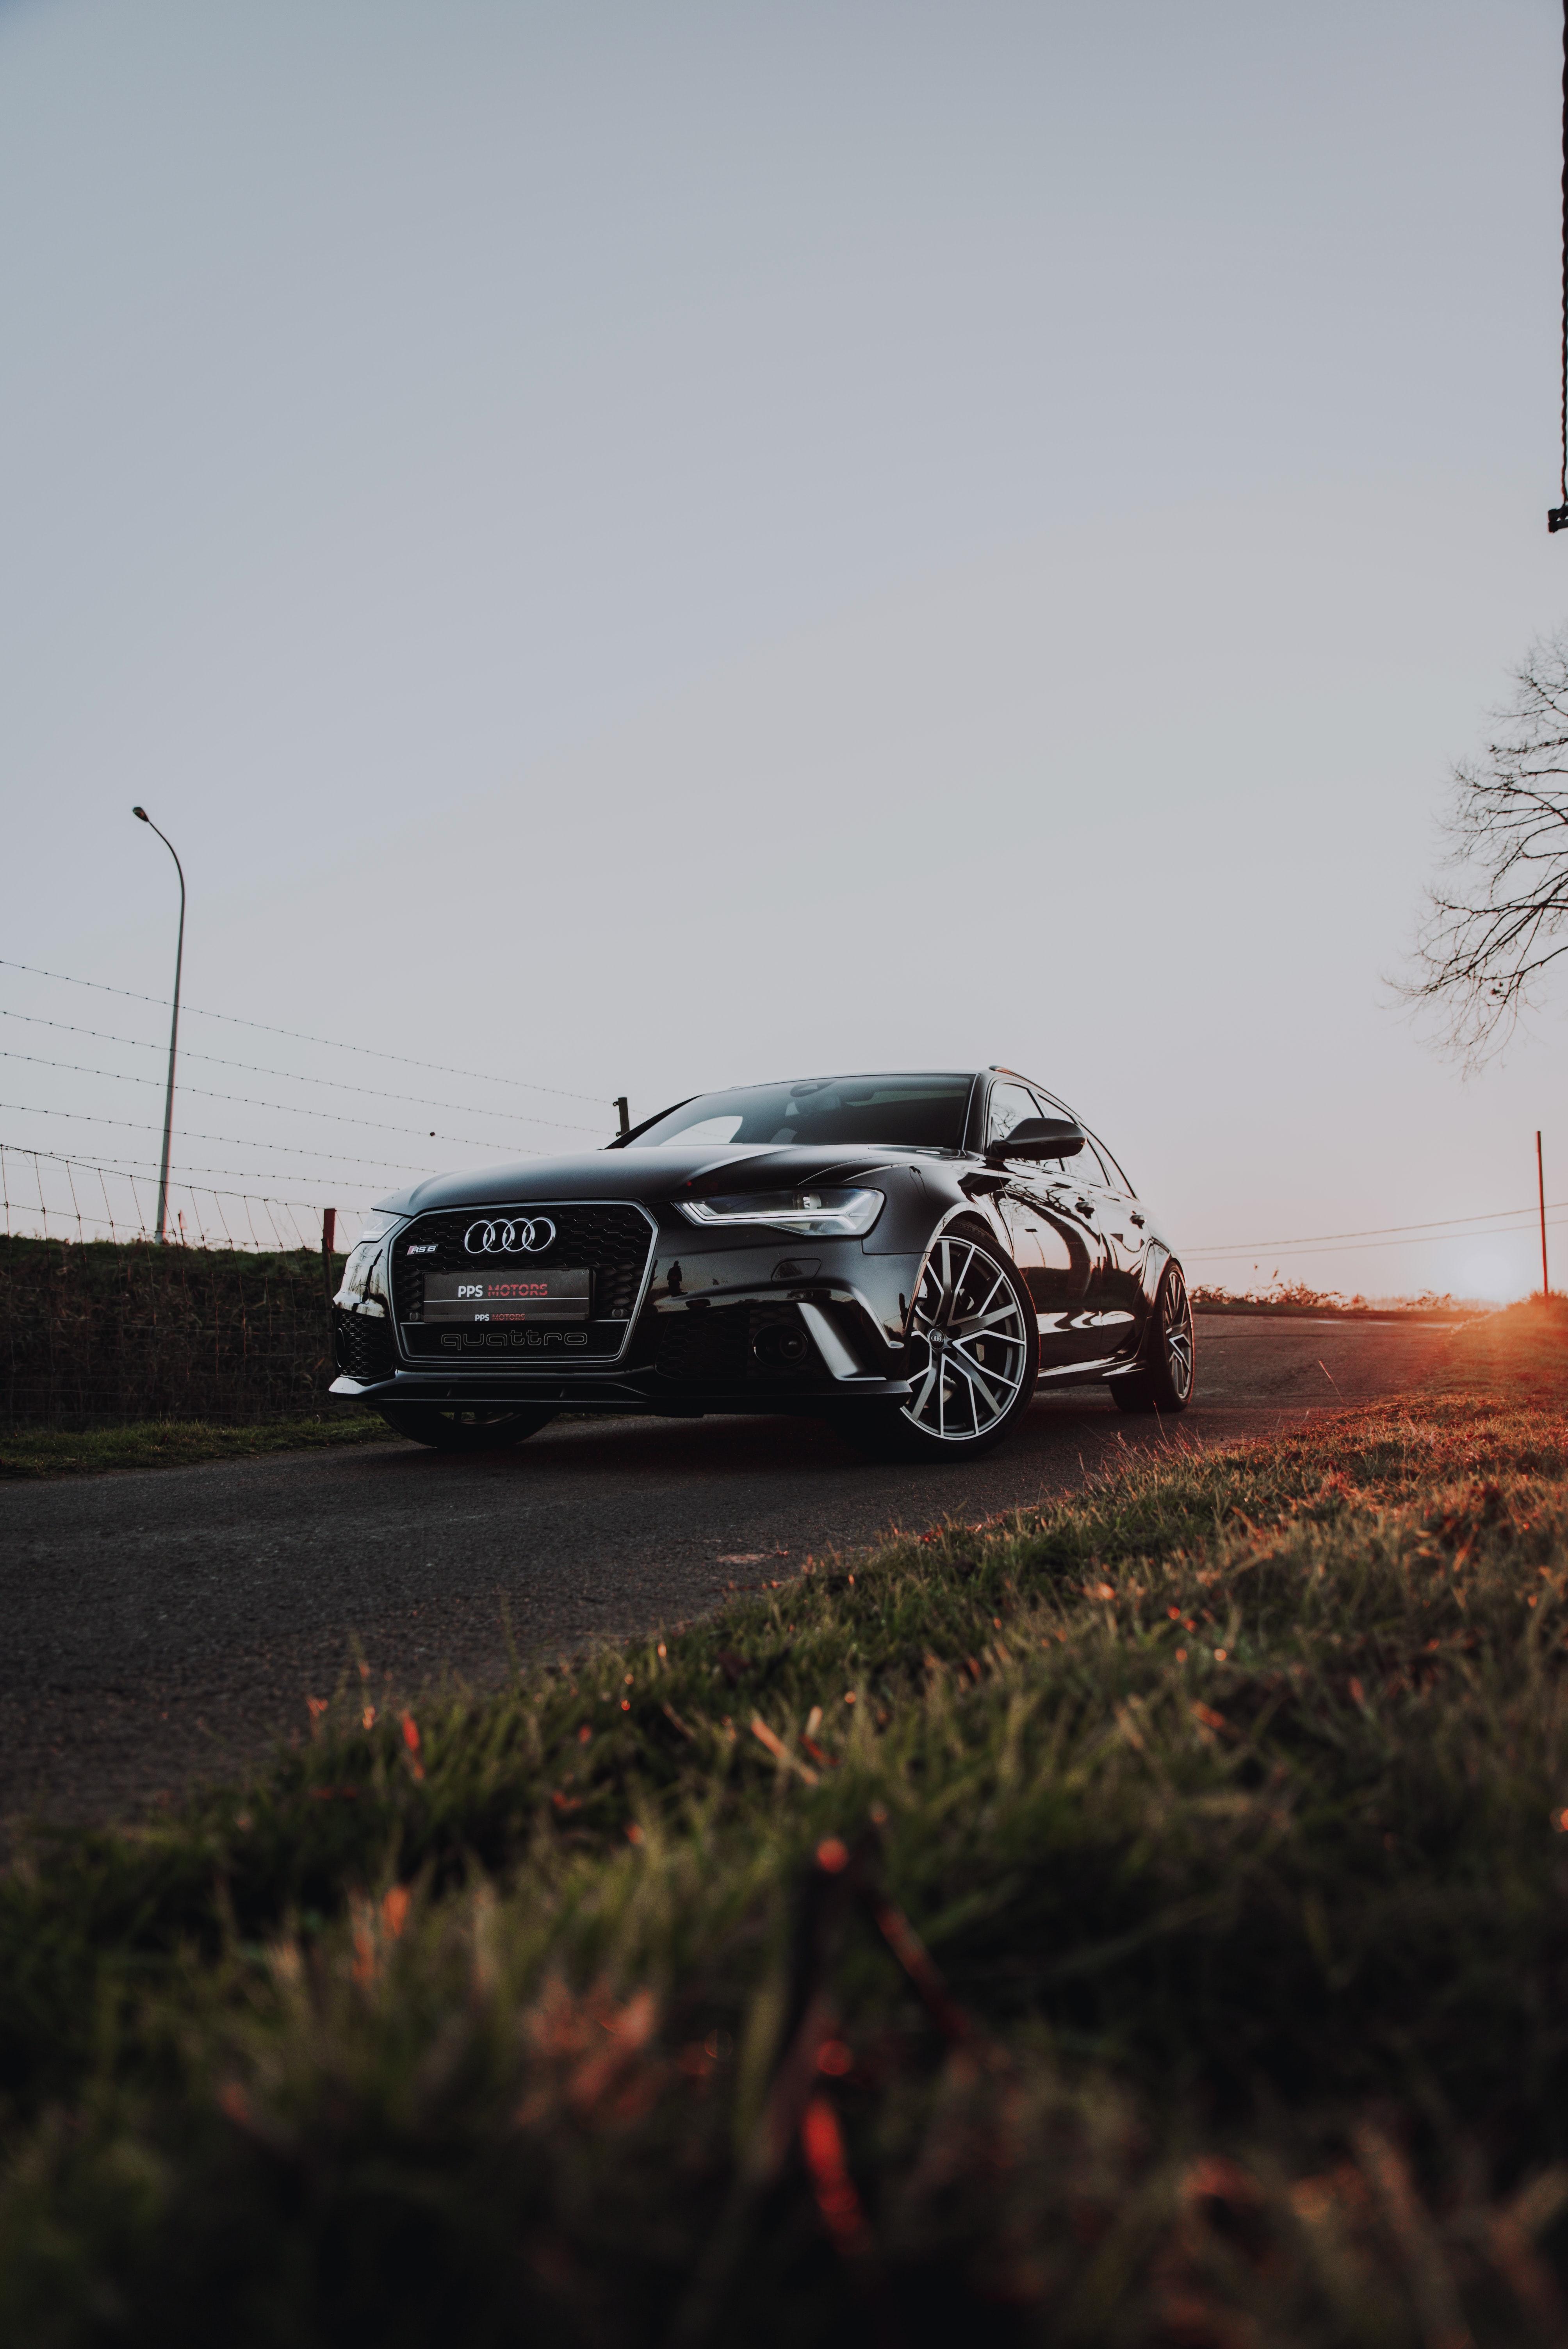 50555 скачать обои Ауди (Audi), Автомобиль, Audi Rs6, Тачки (Cars), Дорога, Черный - заставки и картинки бесплатно